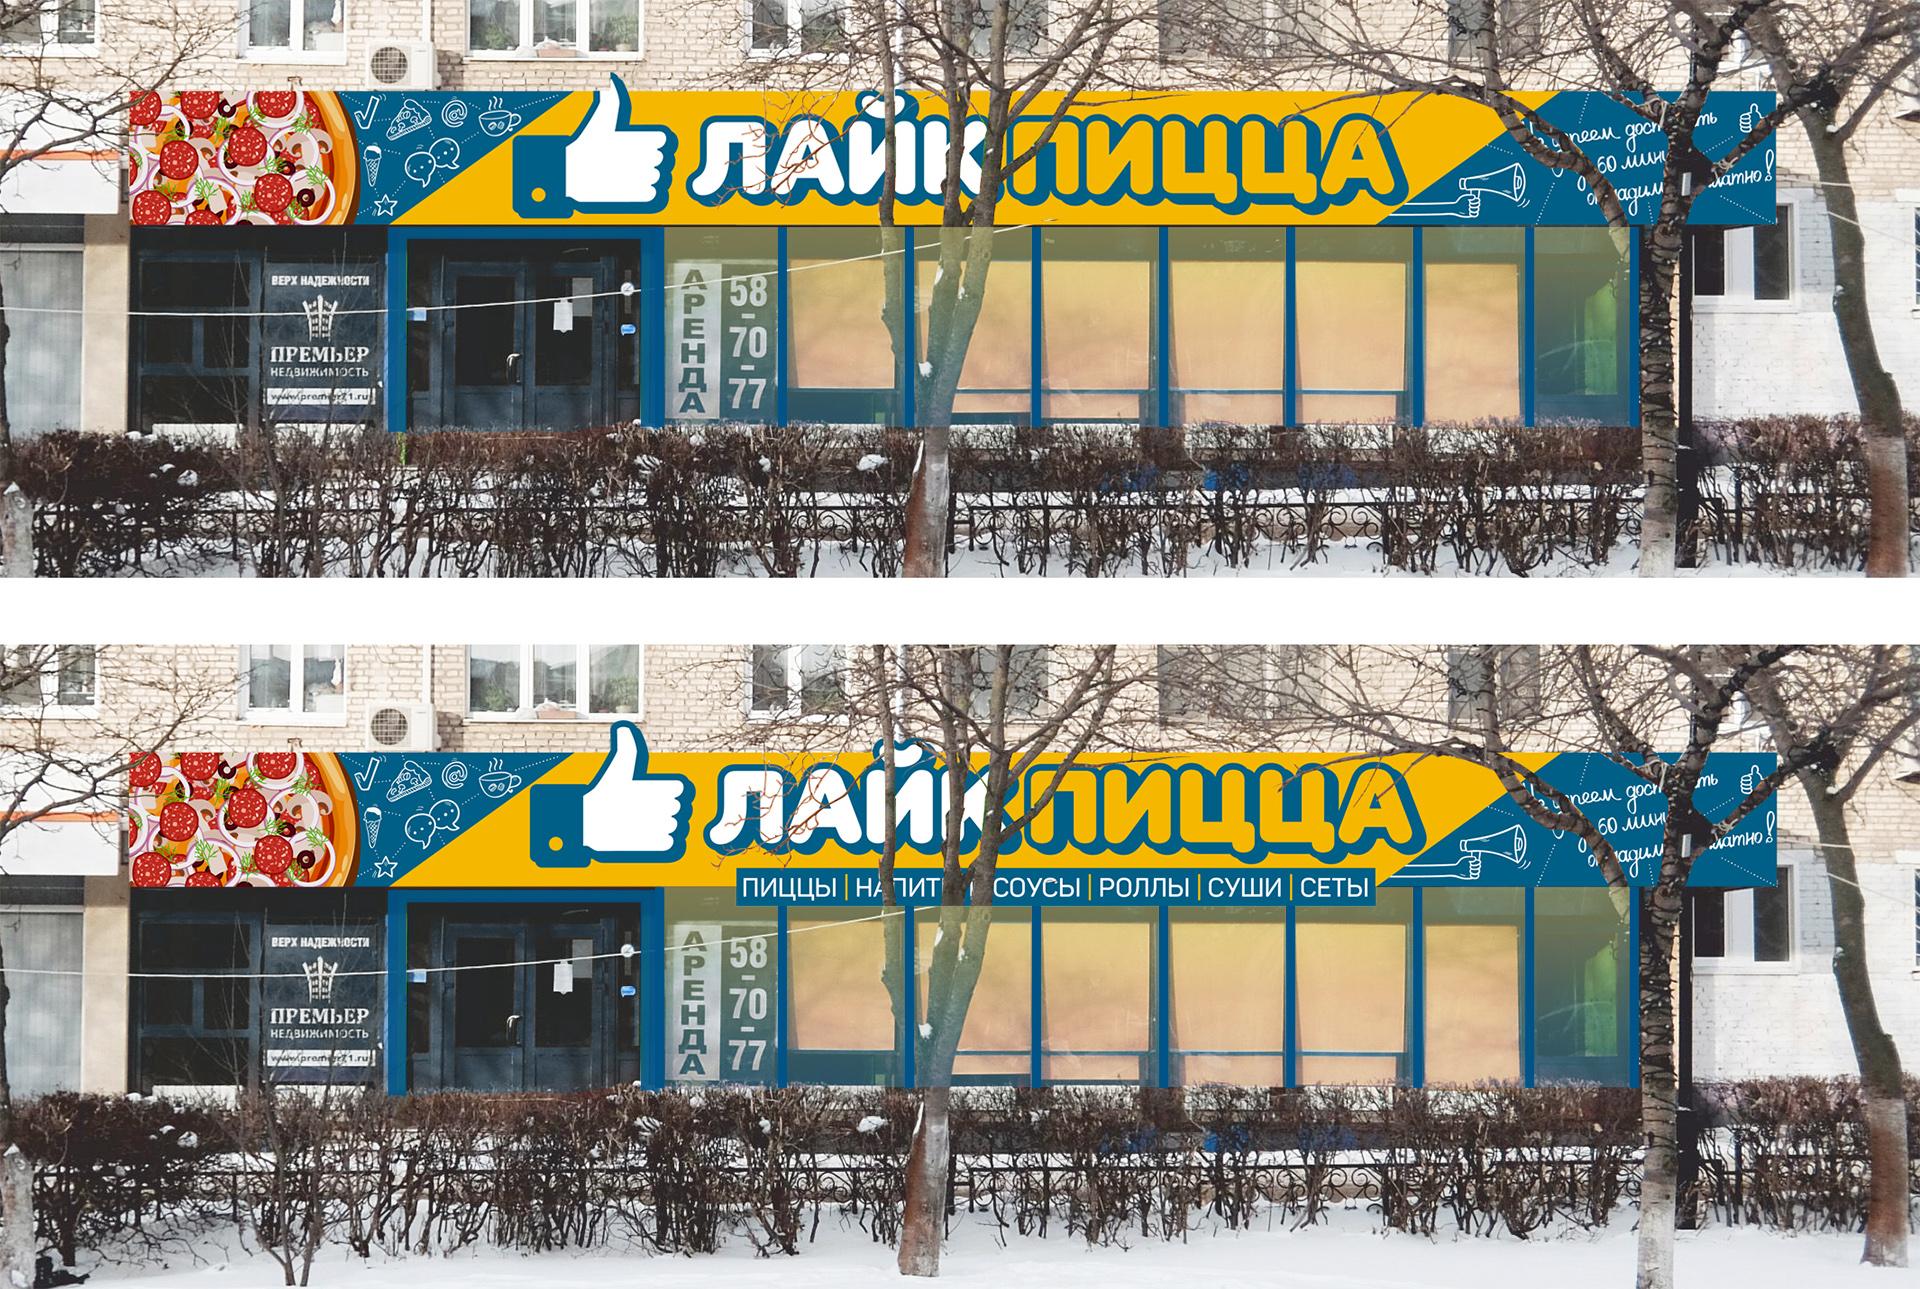 Дизайн уличного козырька с вывеской для пиццерии фото f_6495873d8626efc4.jpg